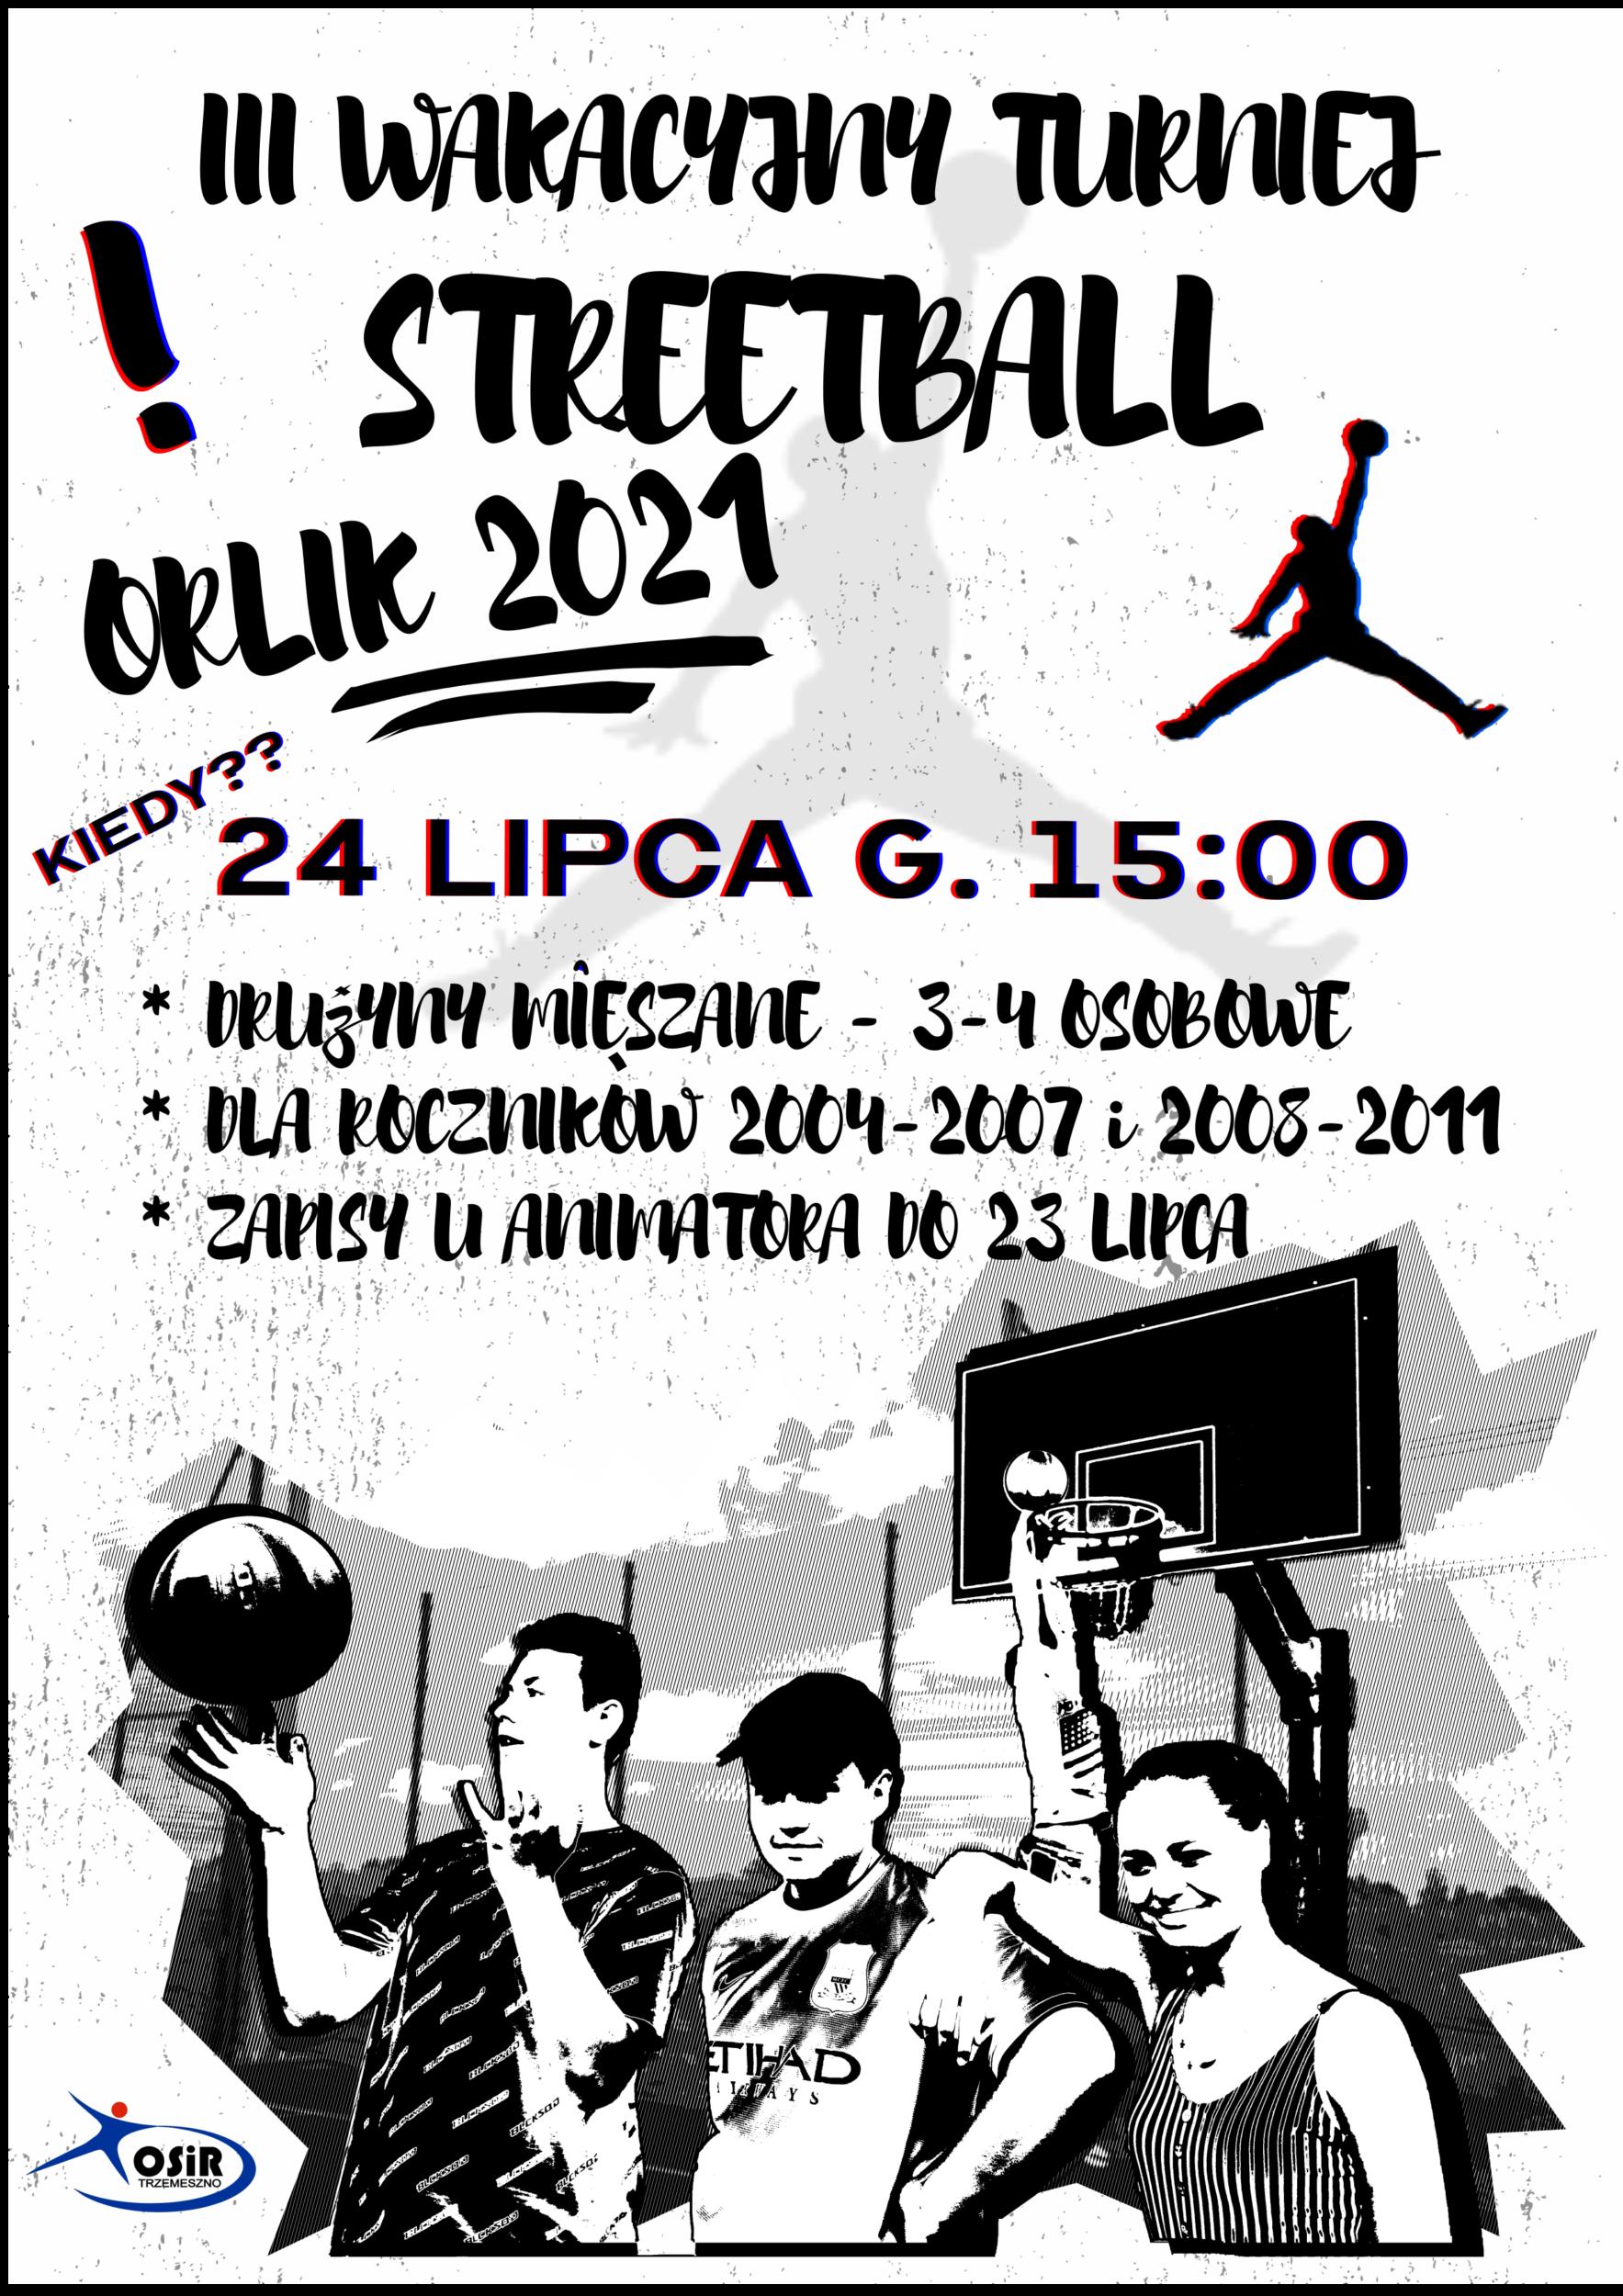 III WAKACYJNY TURNIEJ STREETBALL – ORLIK 2021 @ PIASTOWSKA 11 TRZEMESZNO